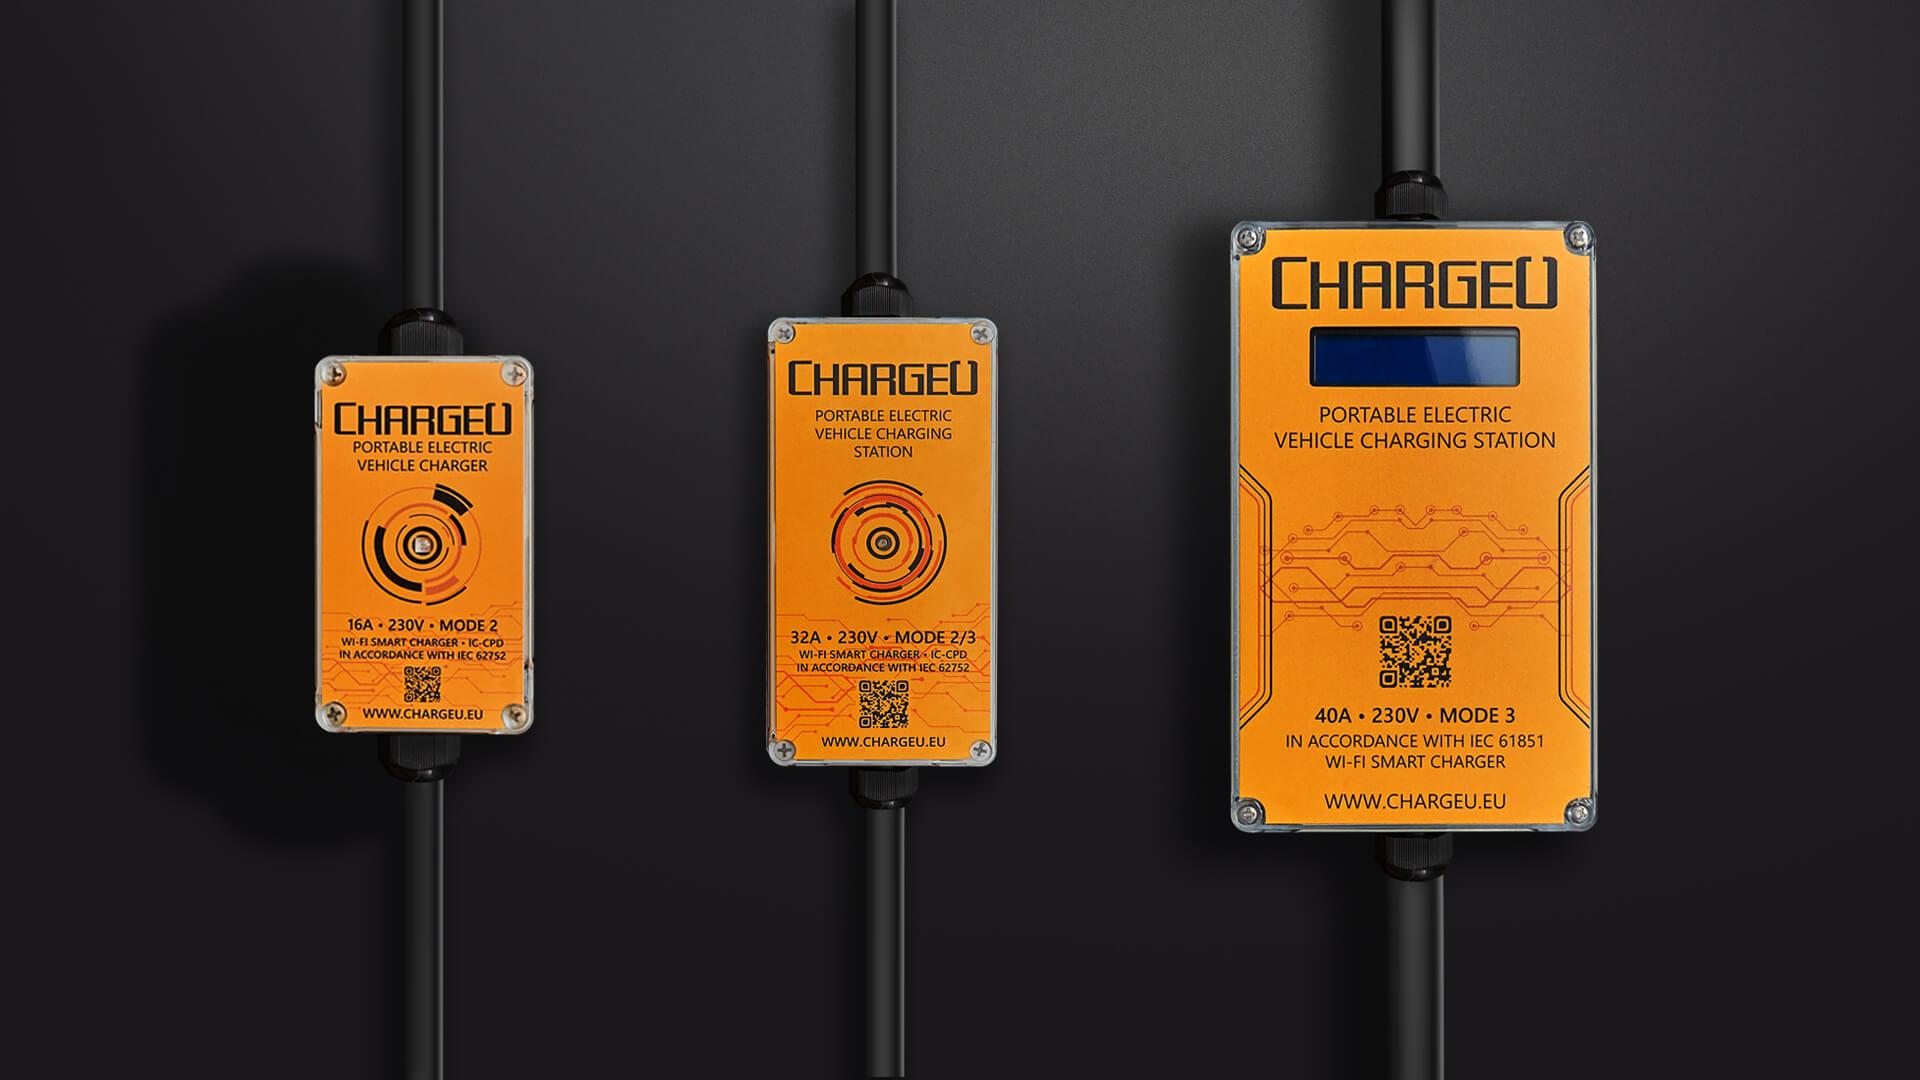 Портативные зарядные станции для электромобилей и плагин-гибридов ChargeU